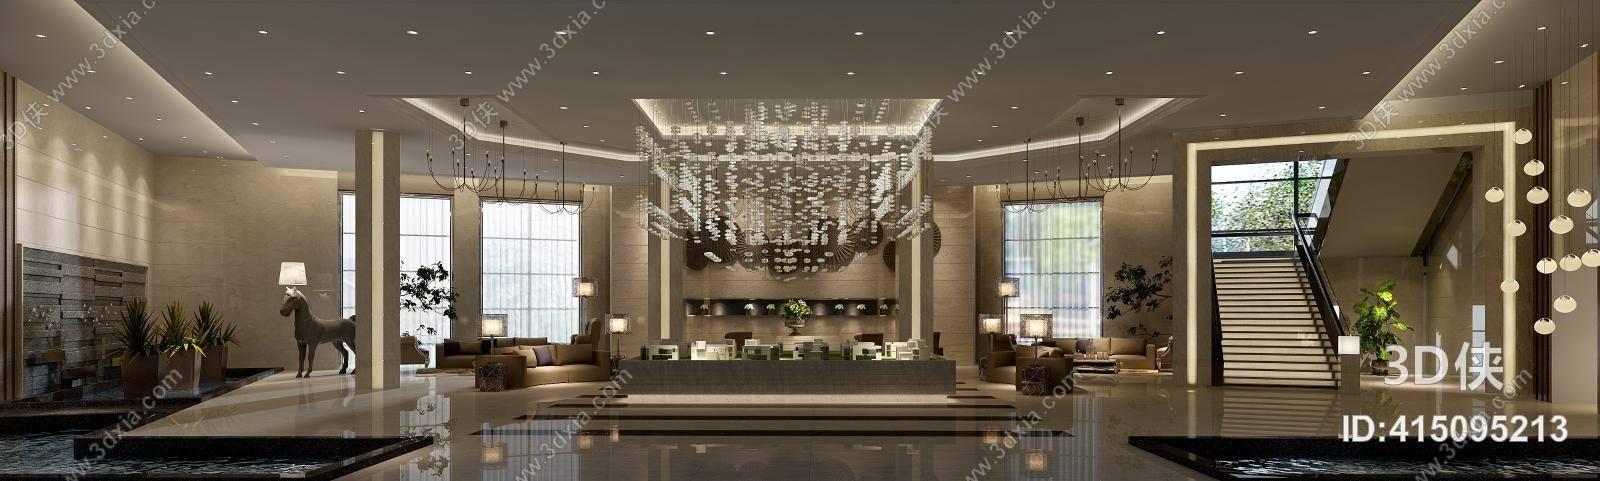 2010,建议使用3dmax 2012 软件打开,该现代酒店大堂图片素材大小是94.